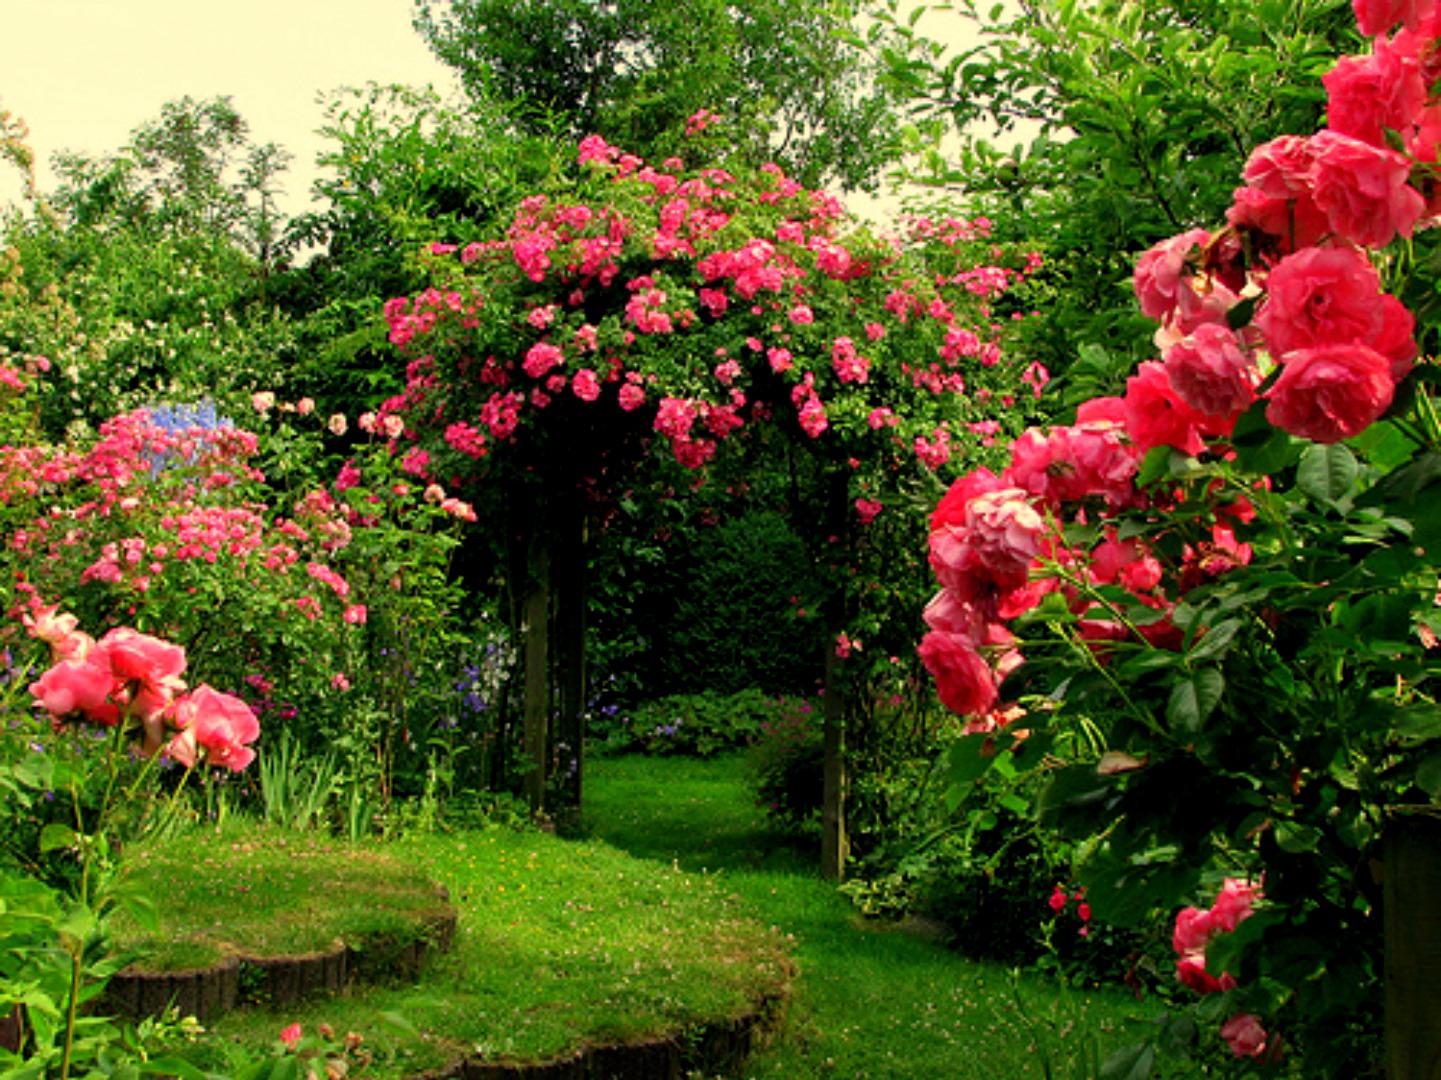 Rose flower garden pictures -